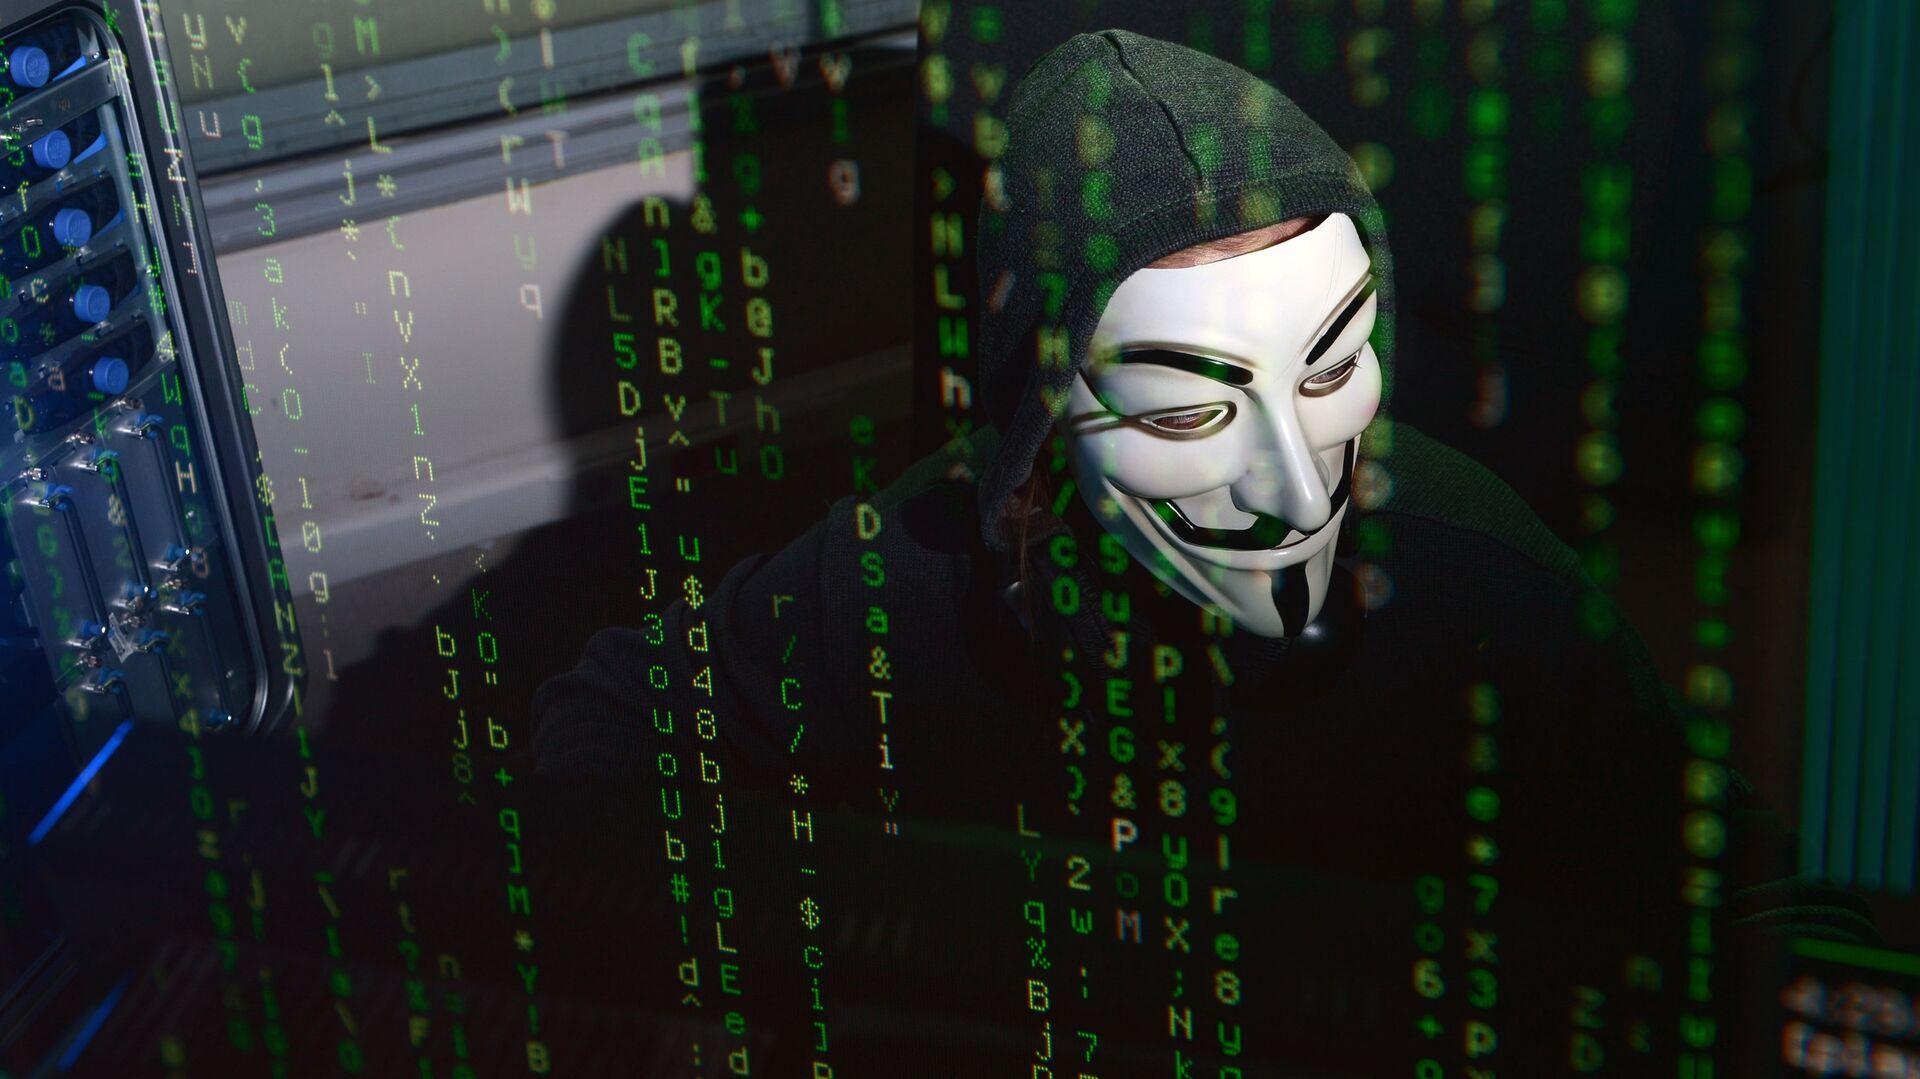 Вирус-вымогатель атаковал IT-системы компаний в разных странах - РИА Новости, 1920, 23.02.2021